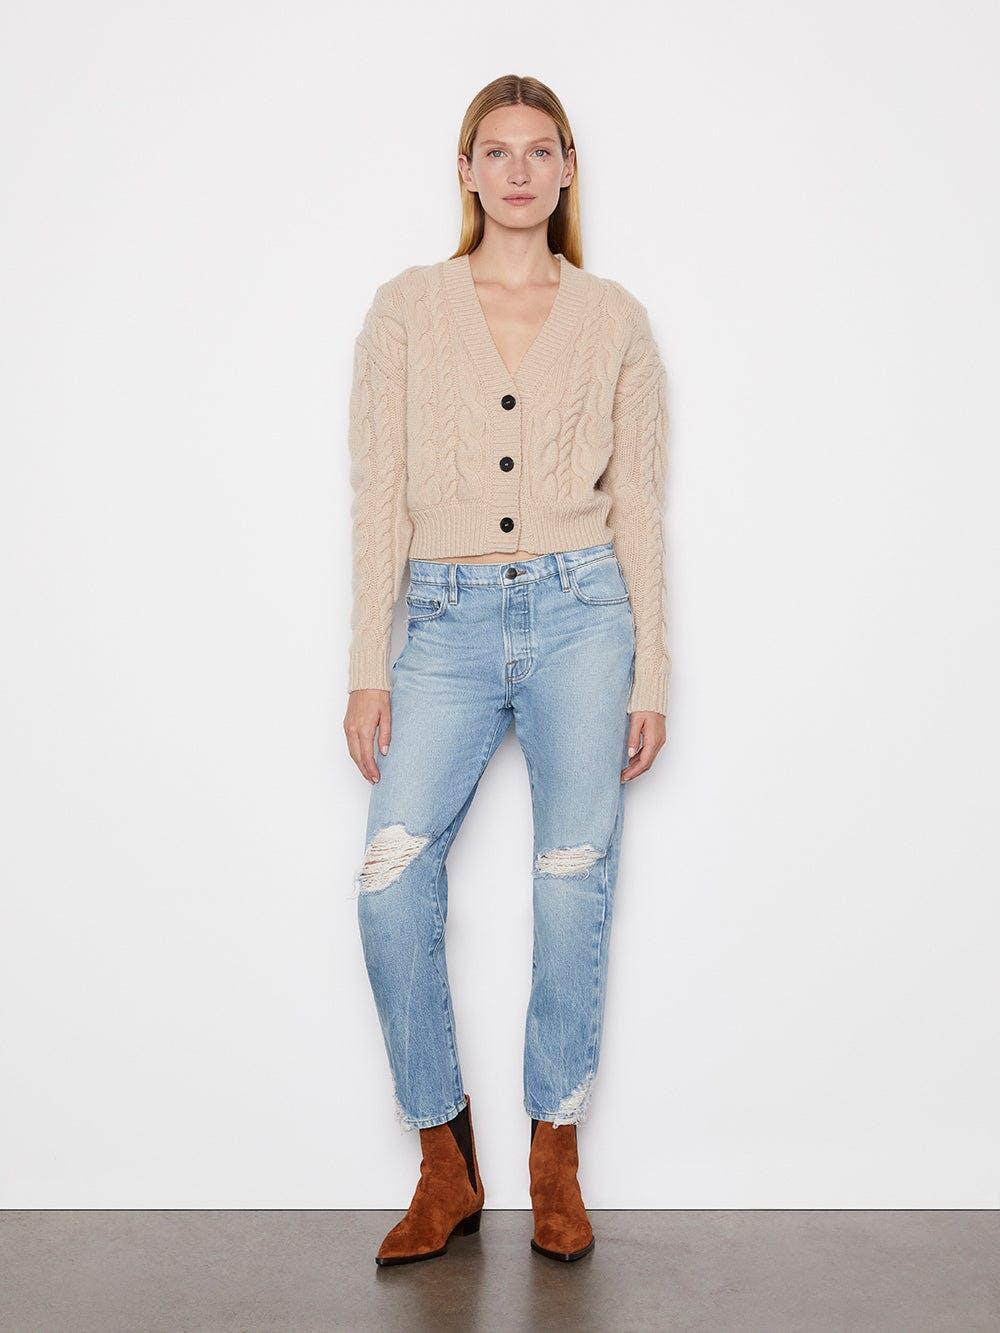 sweater full body alt:hover